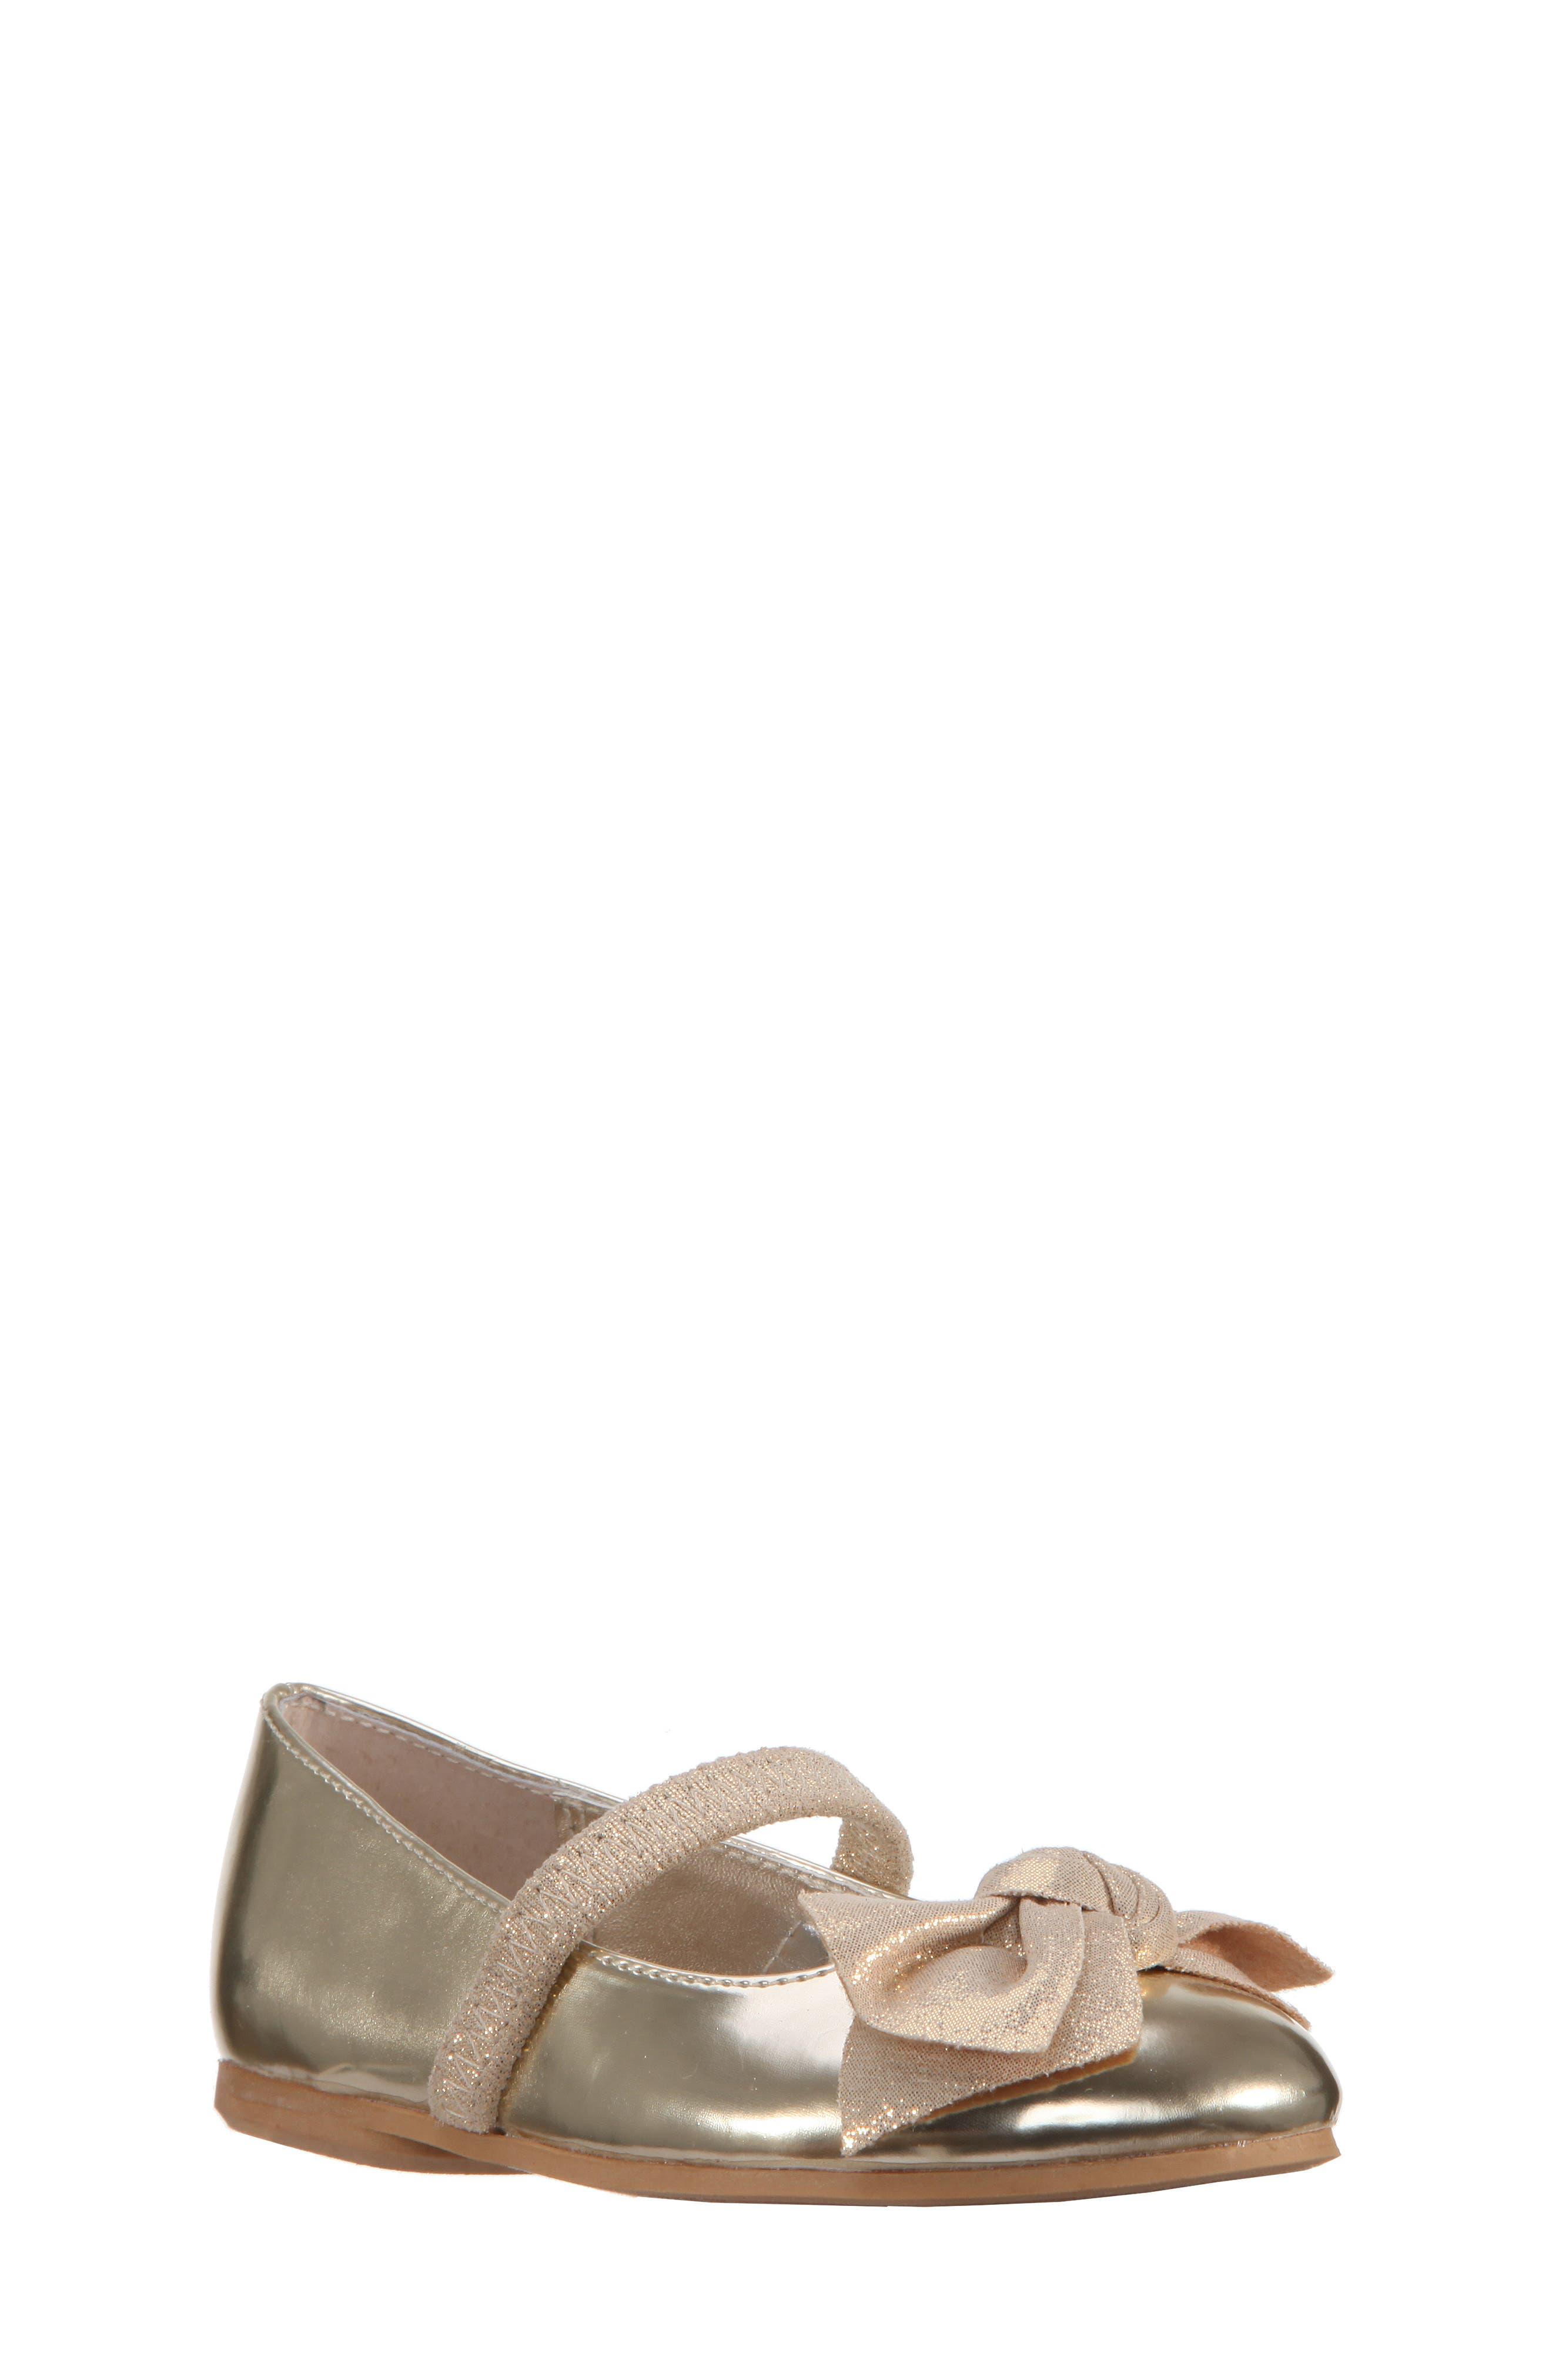 Kaytelyn-T Glitter Bow Ballet Flat,                             Main thumbnail 6, color,